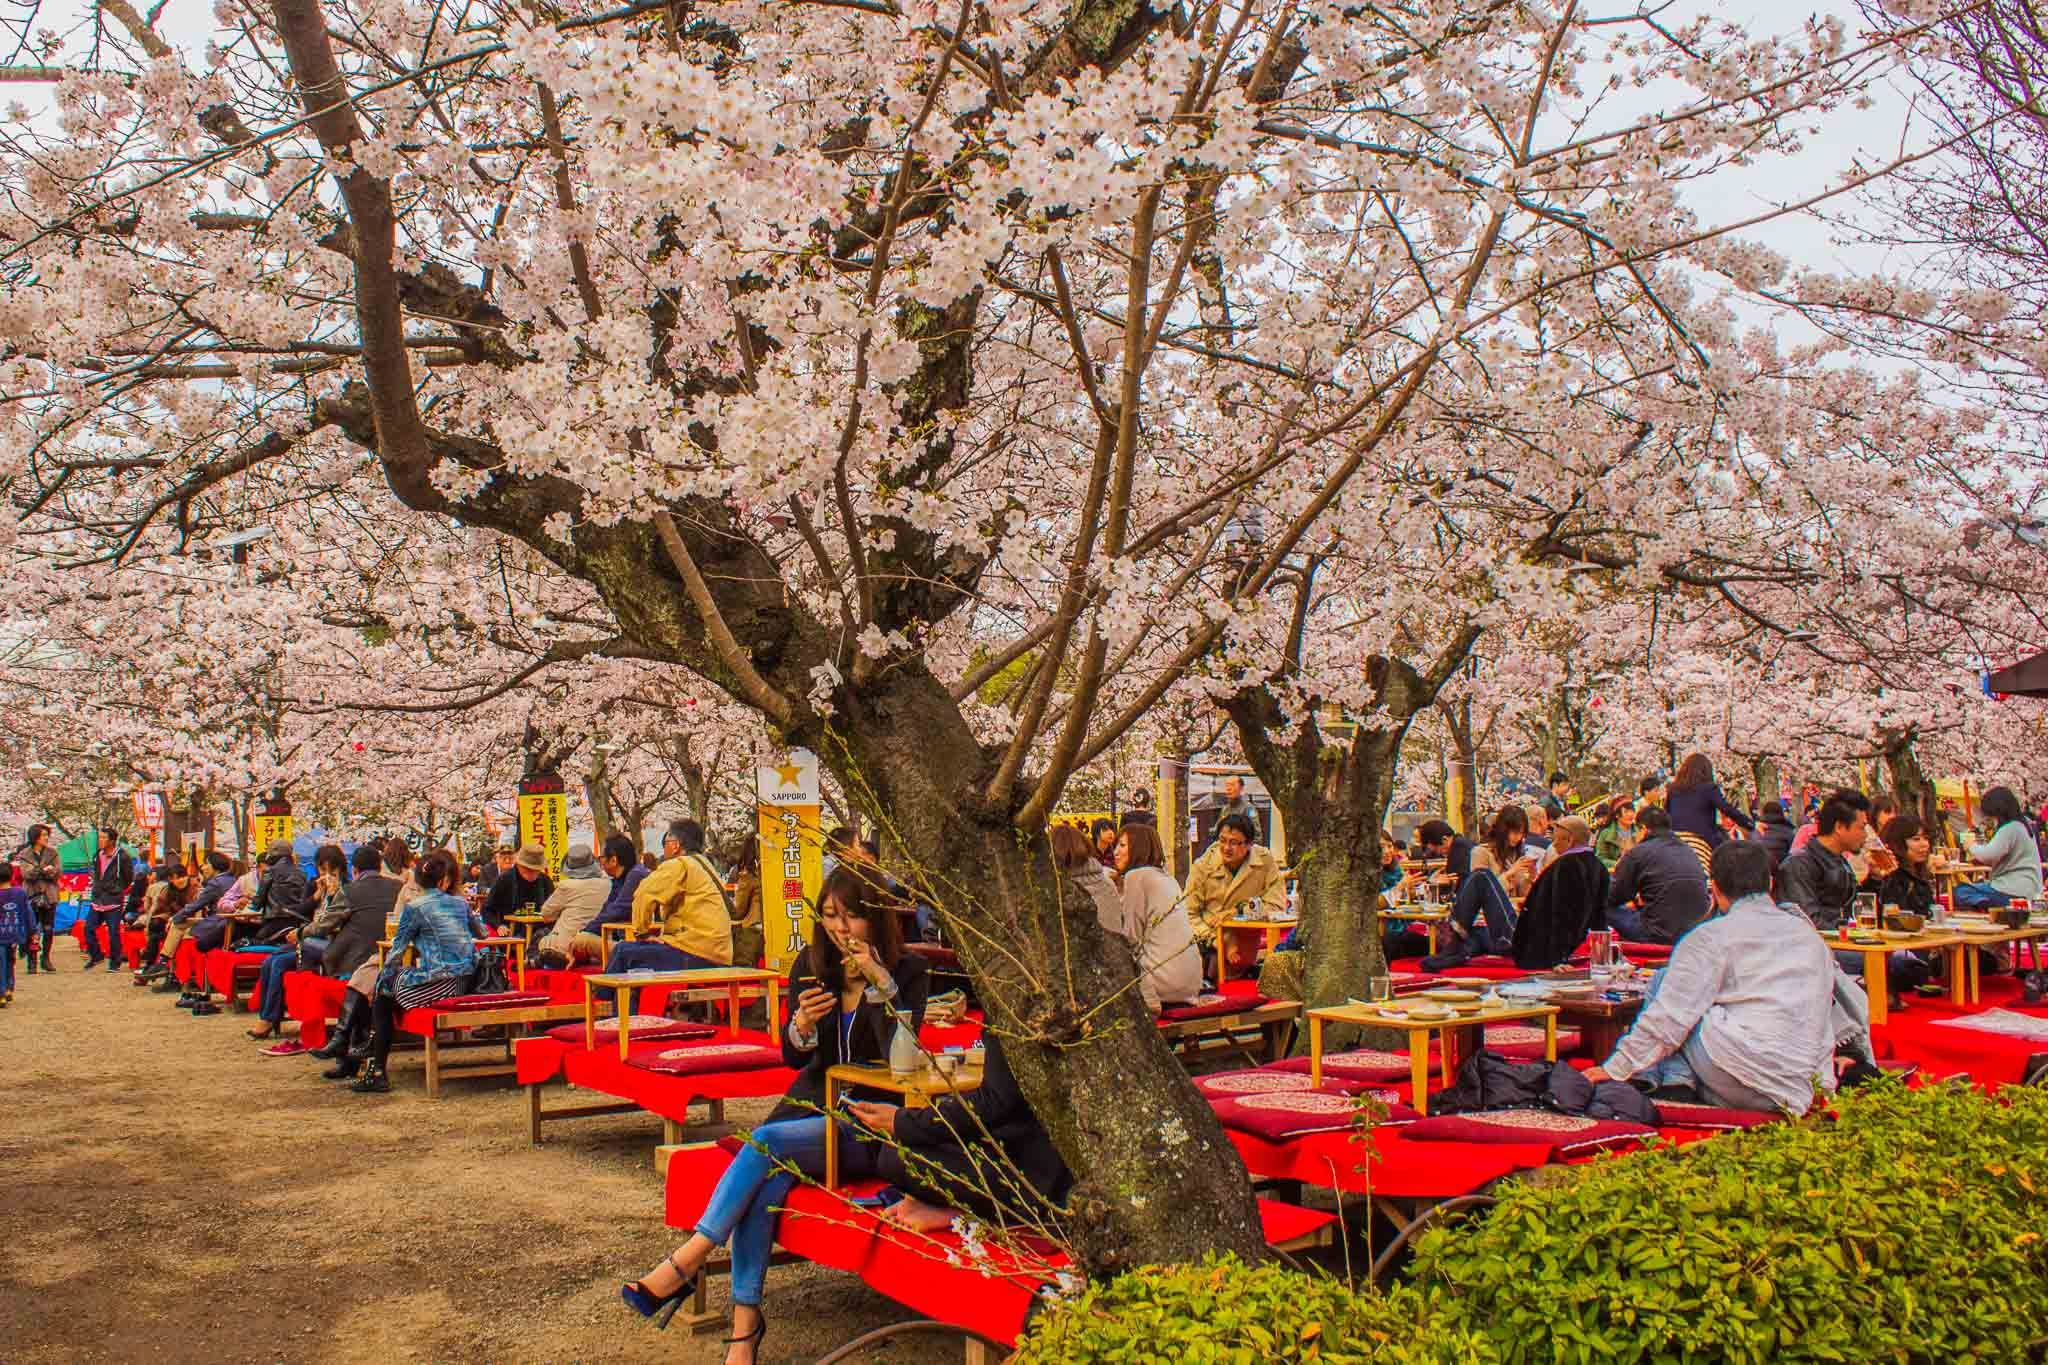 Pin By Habibah Tien On Sakura In 2020 Cherry Blossom Japan Blossom Flowers